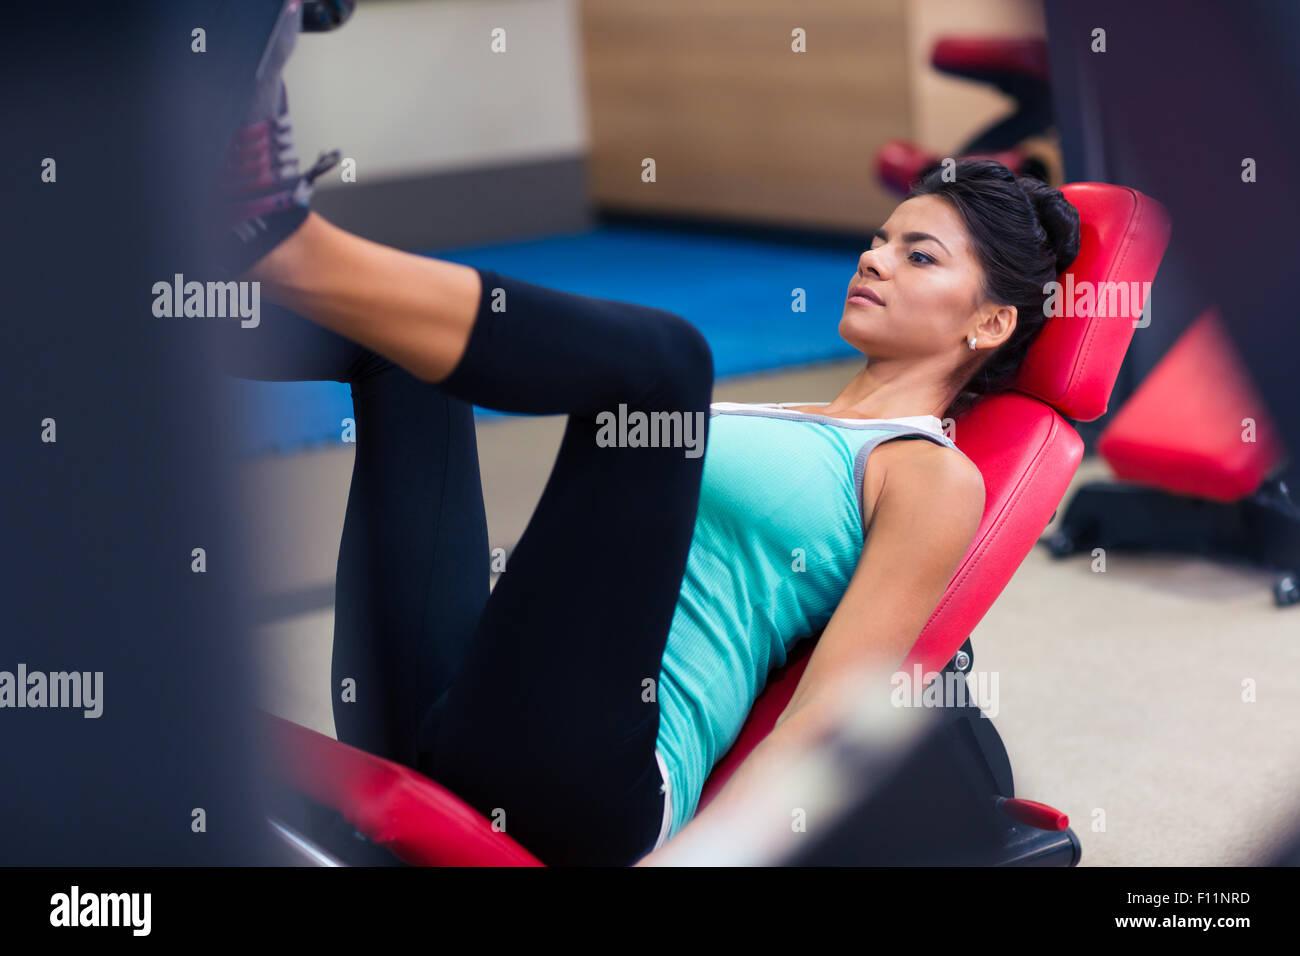 Portrait d'une femme sur les exercices d'entraînement sportif à la machine de sport Fitness Photo Stock